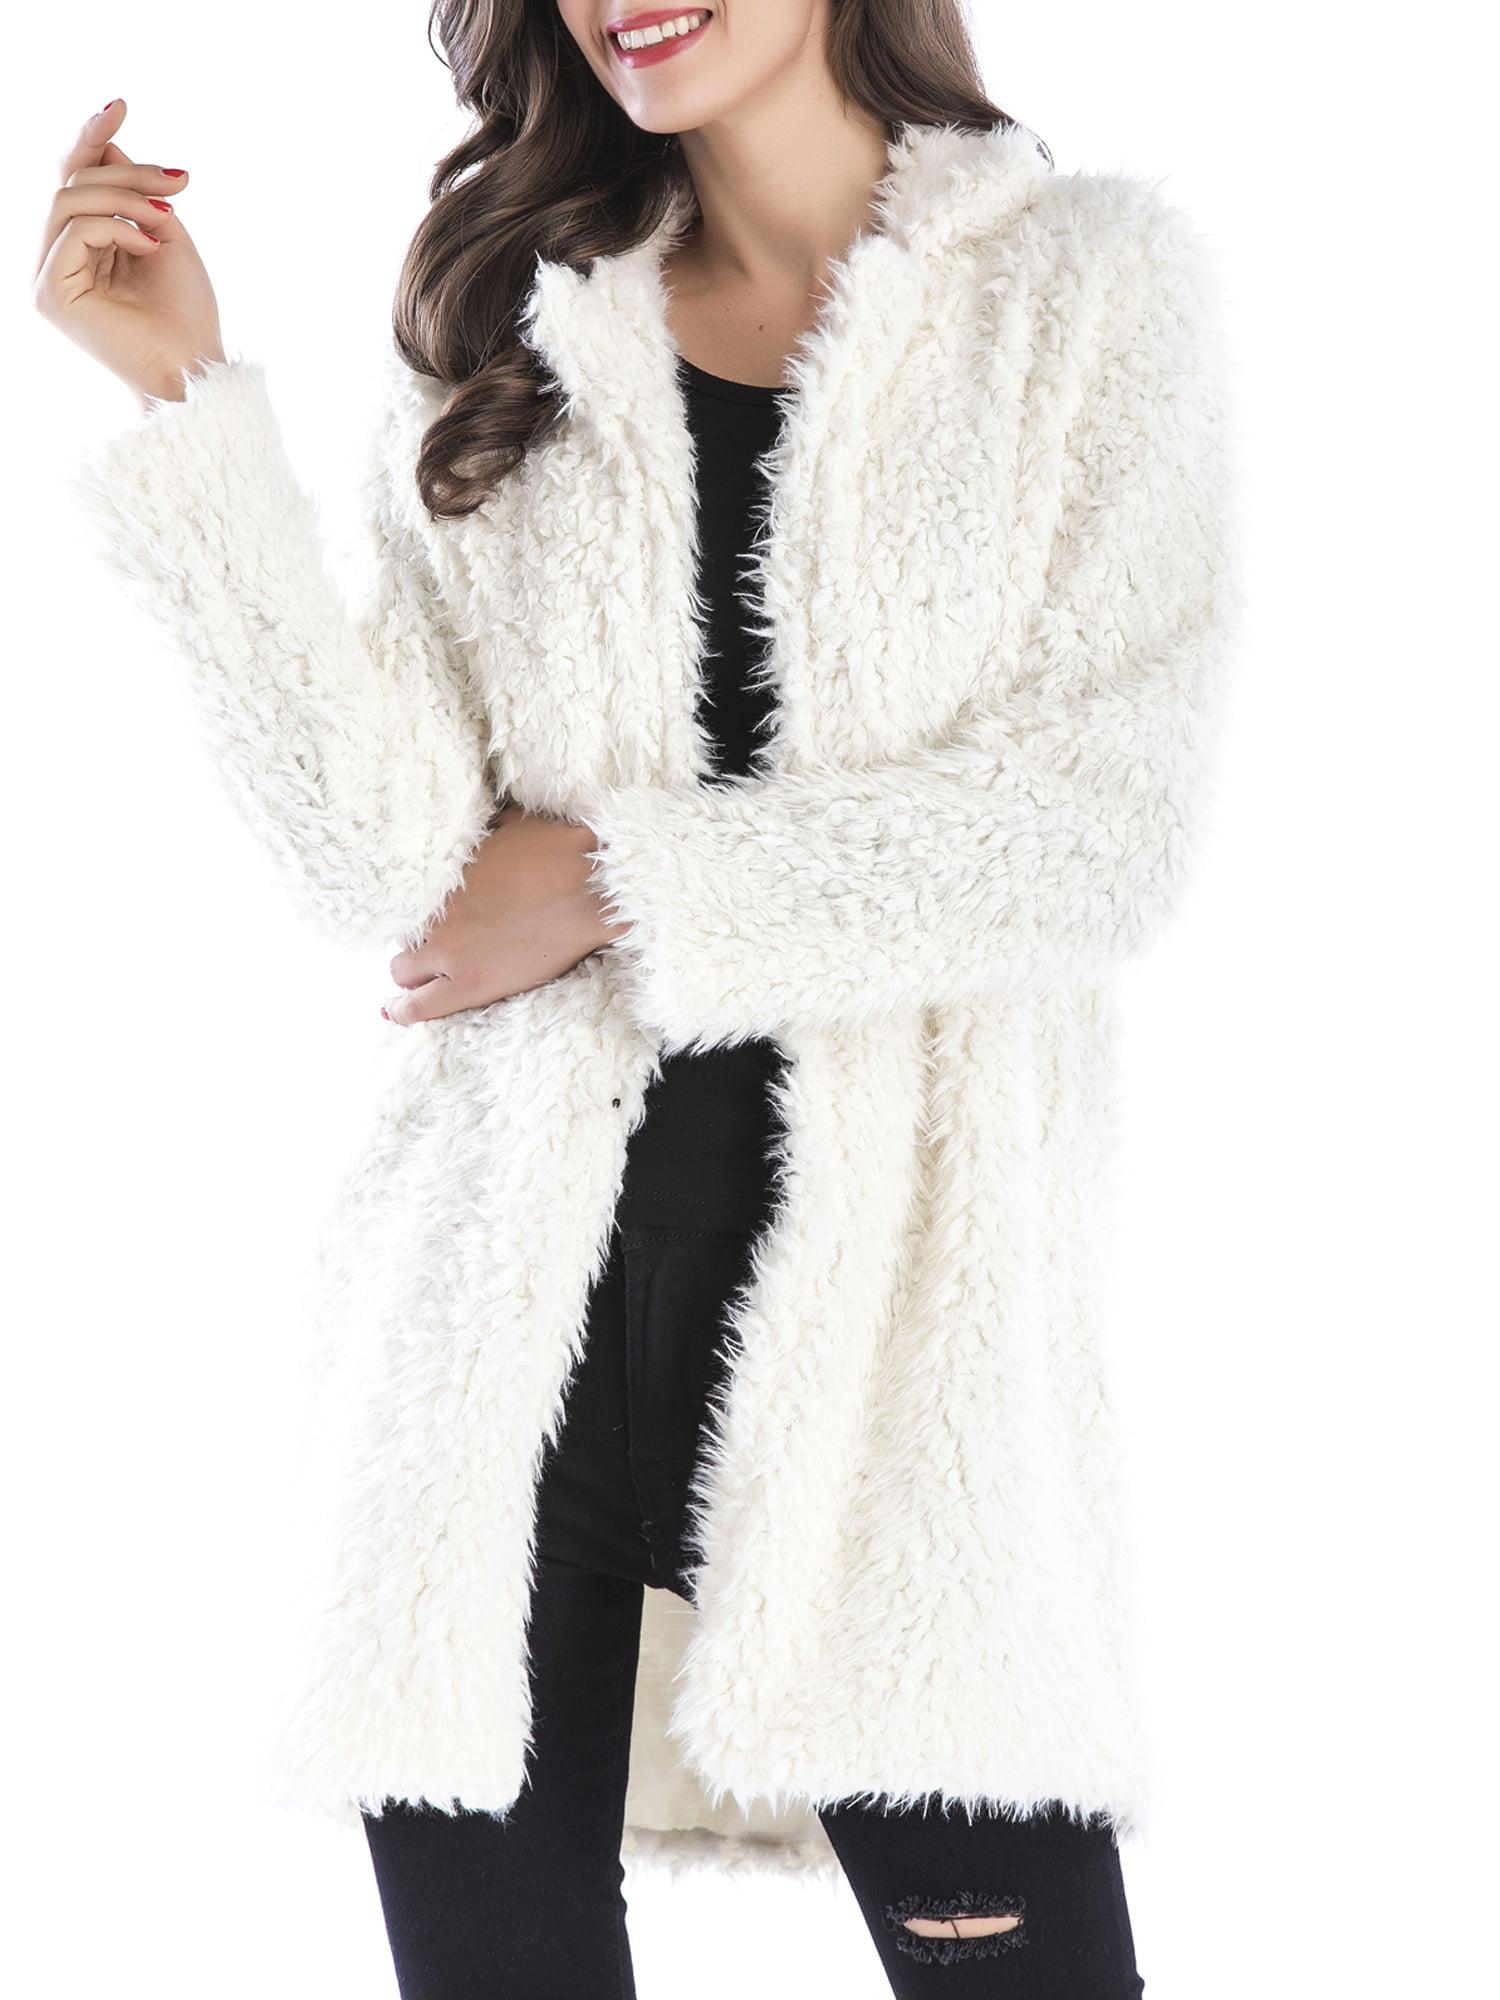 Womens Fuzzy Fleece Lapel Open Front Long Cardigan Coat Faux Fur Warm Winter Outwear Jackets with Pockets